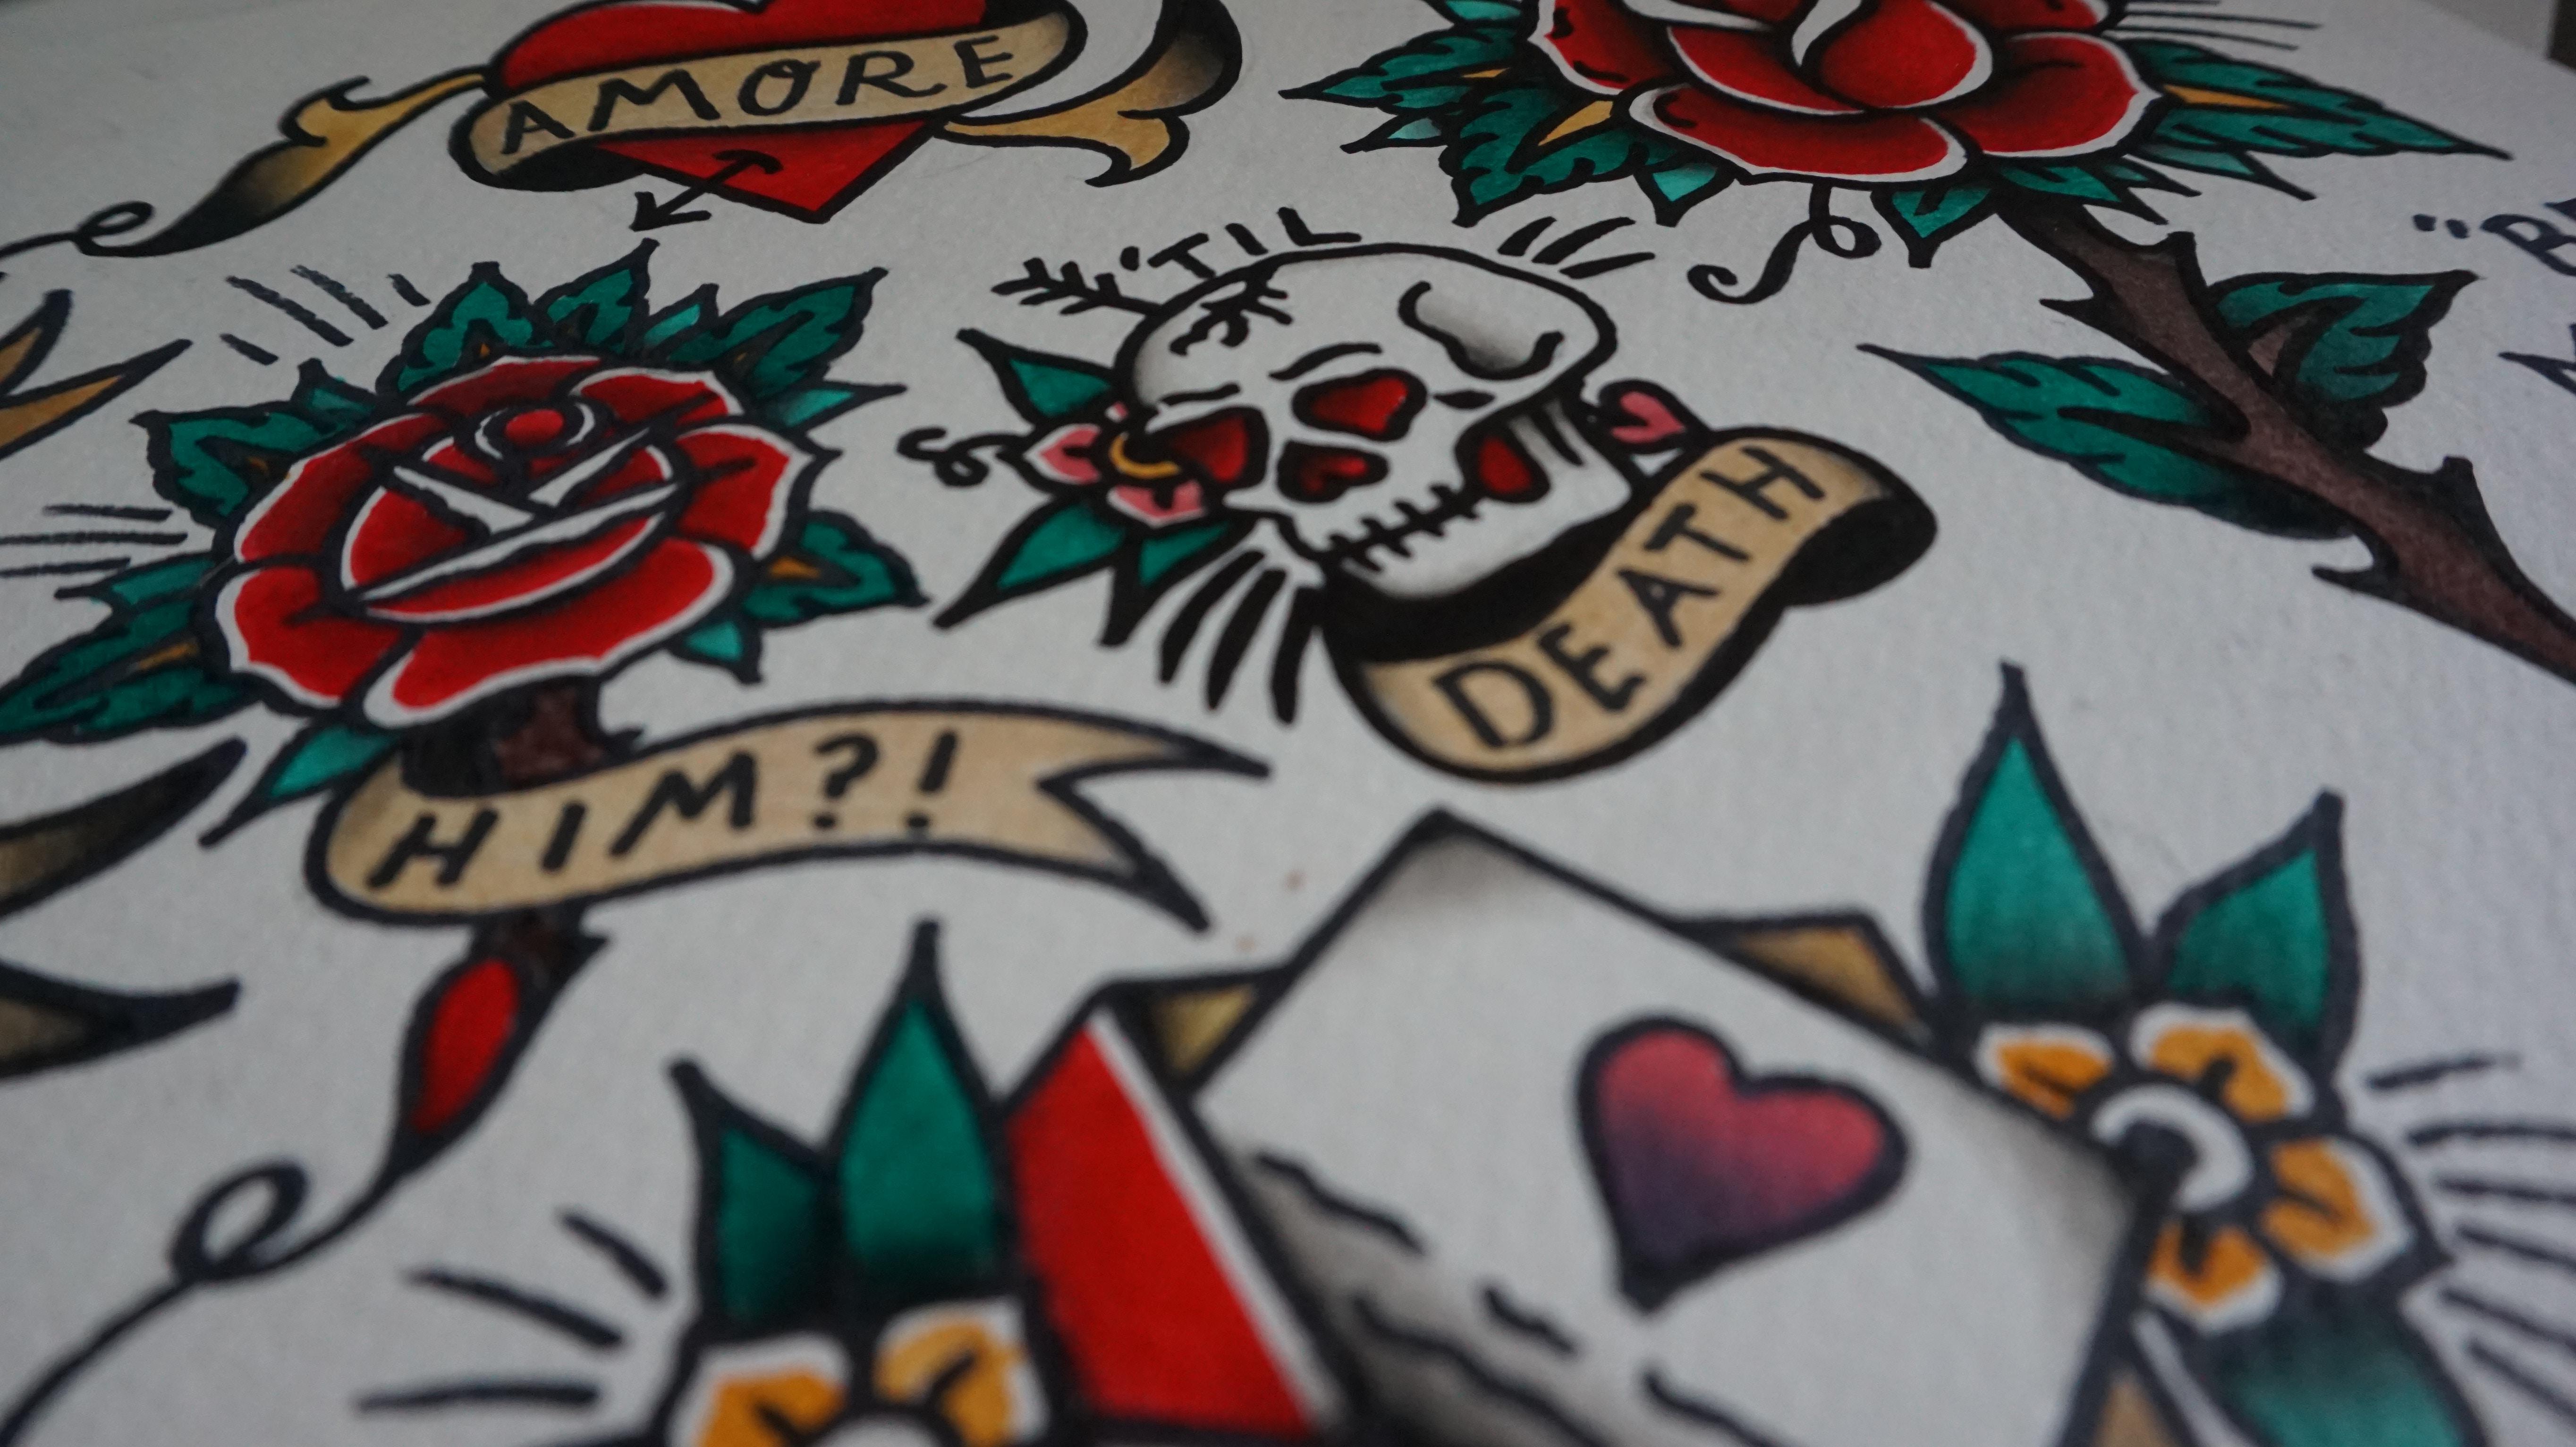 Tattoo flash sheet with skulls